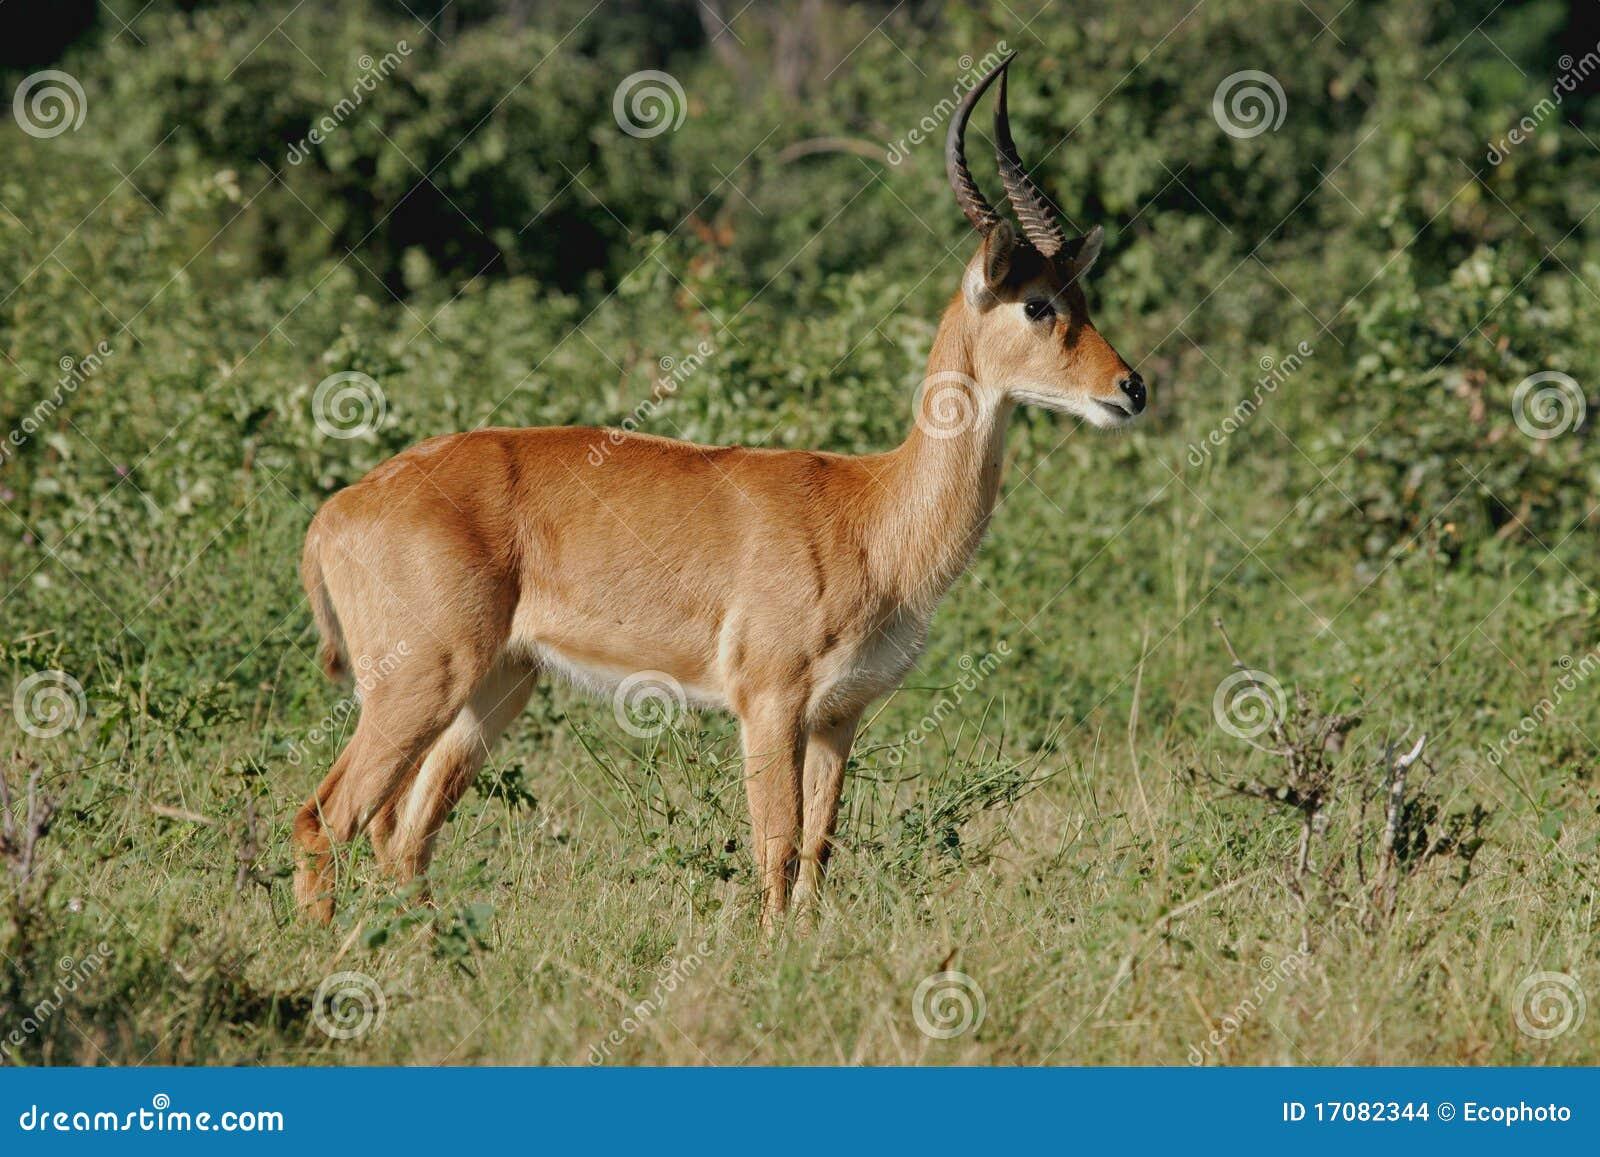 Puku антилопы